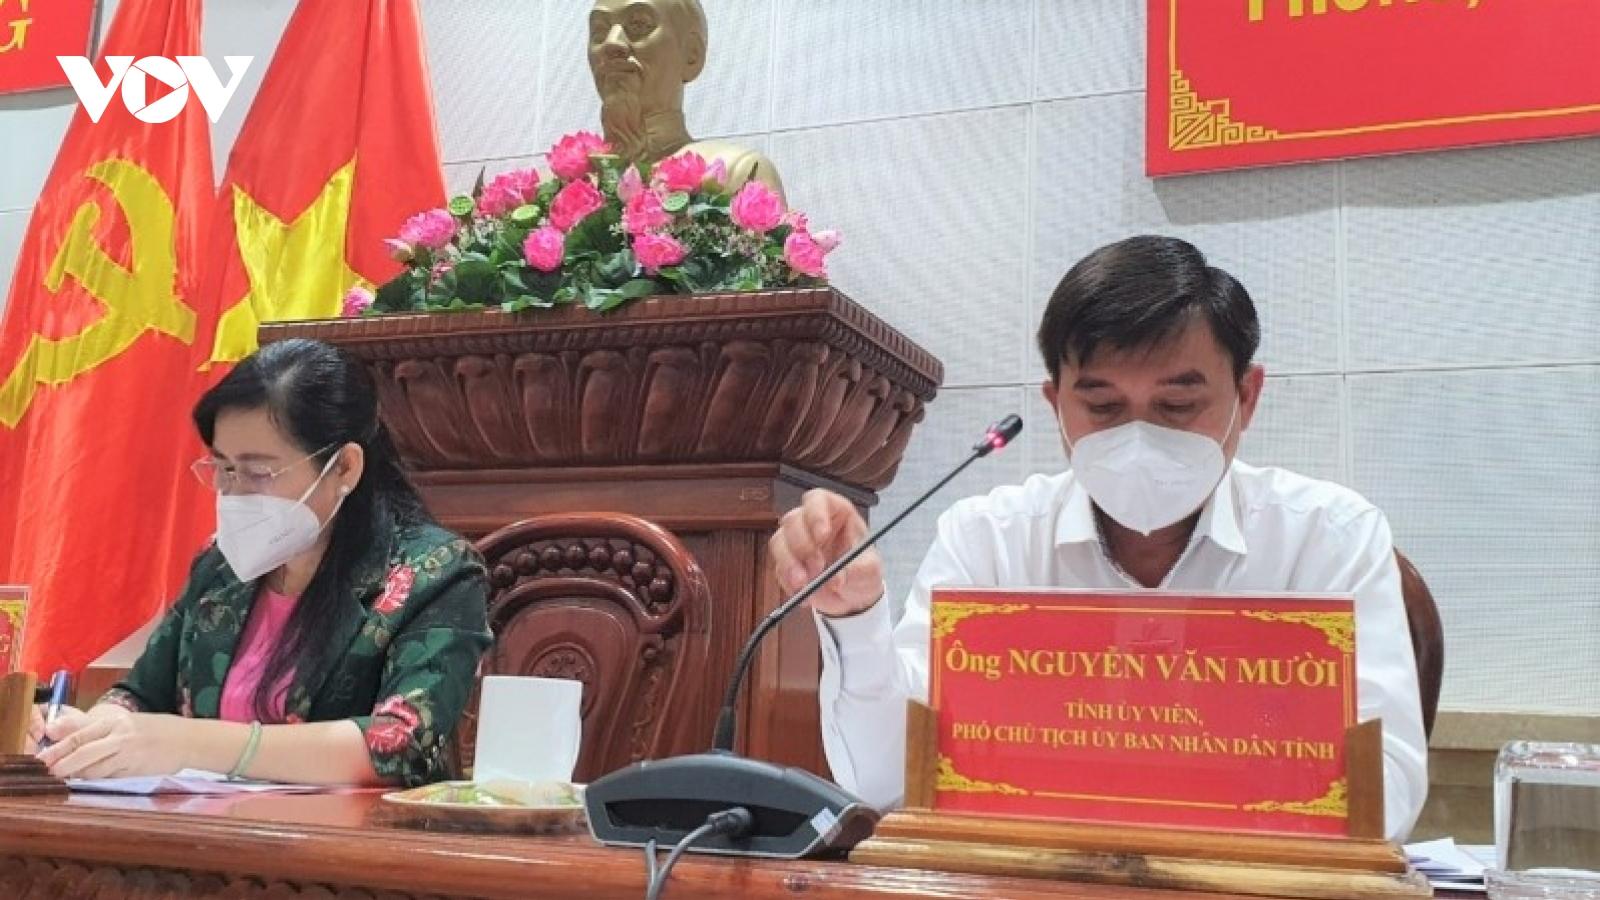 Tiền Giang phấn đấu đến hết tháng 11, 80% người từ 18 tuổi trở lên được tiêm vaccine